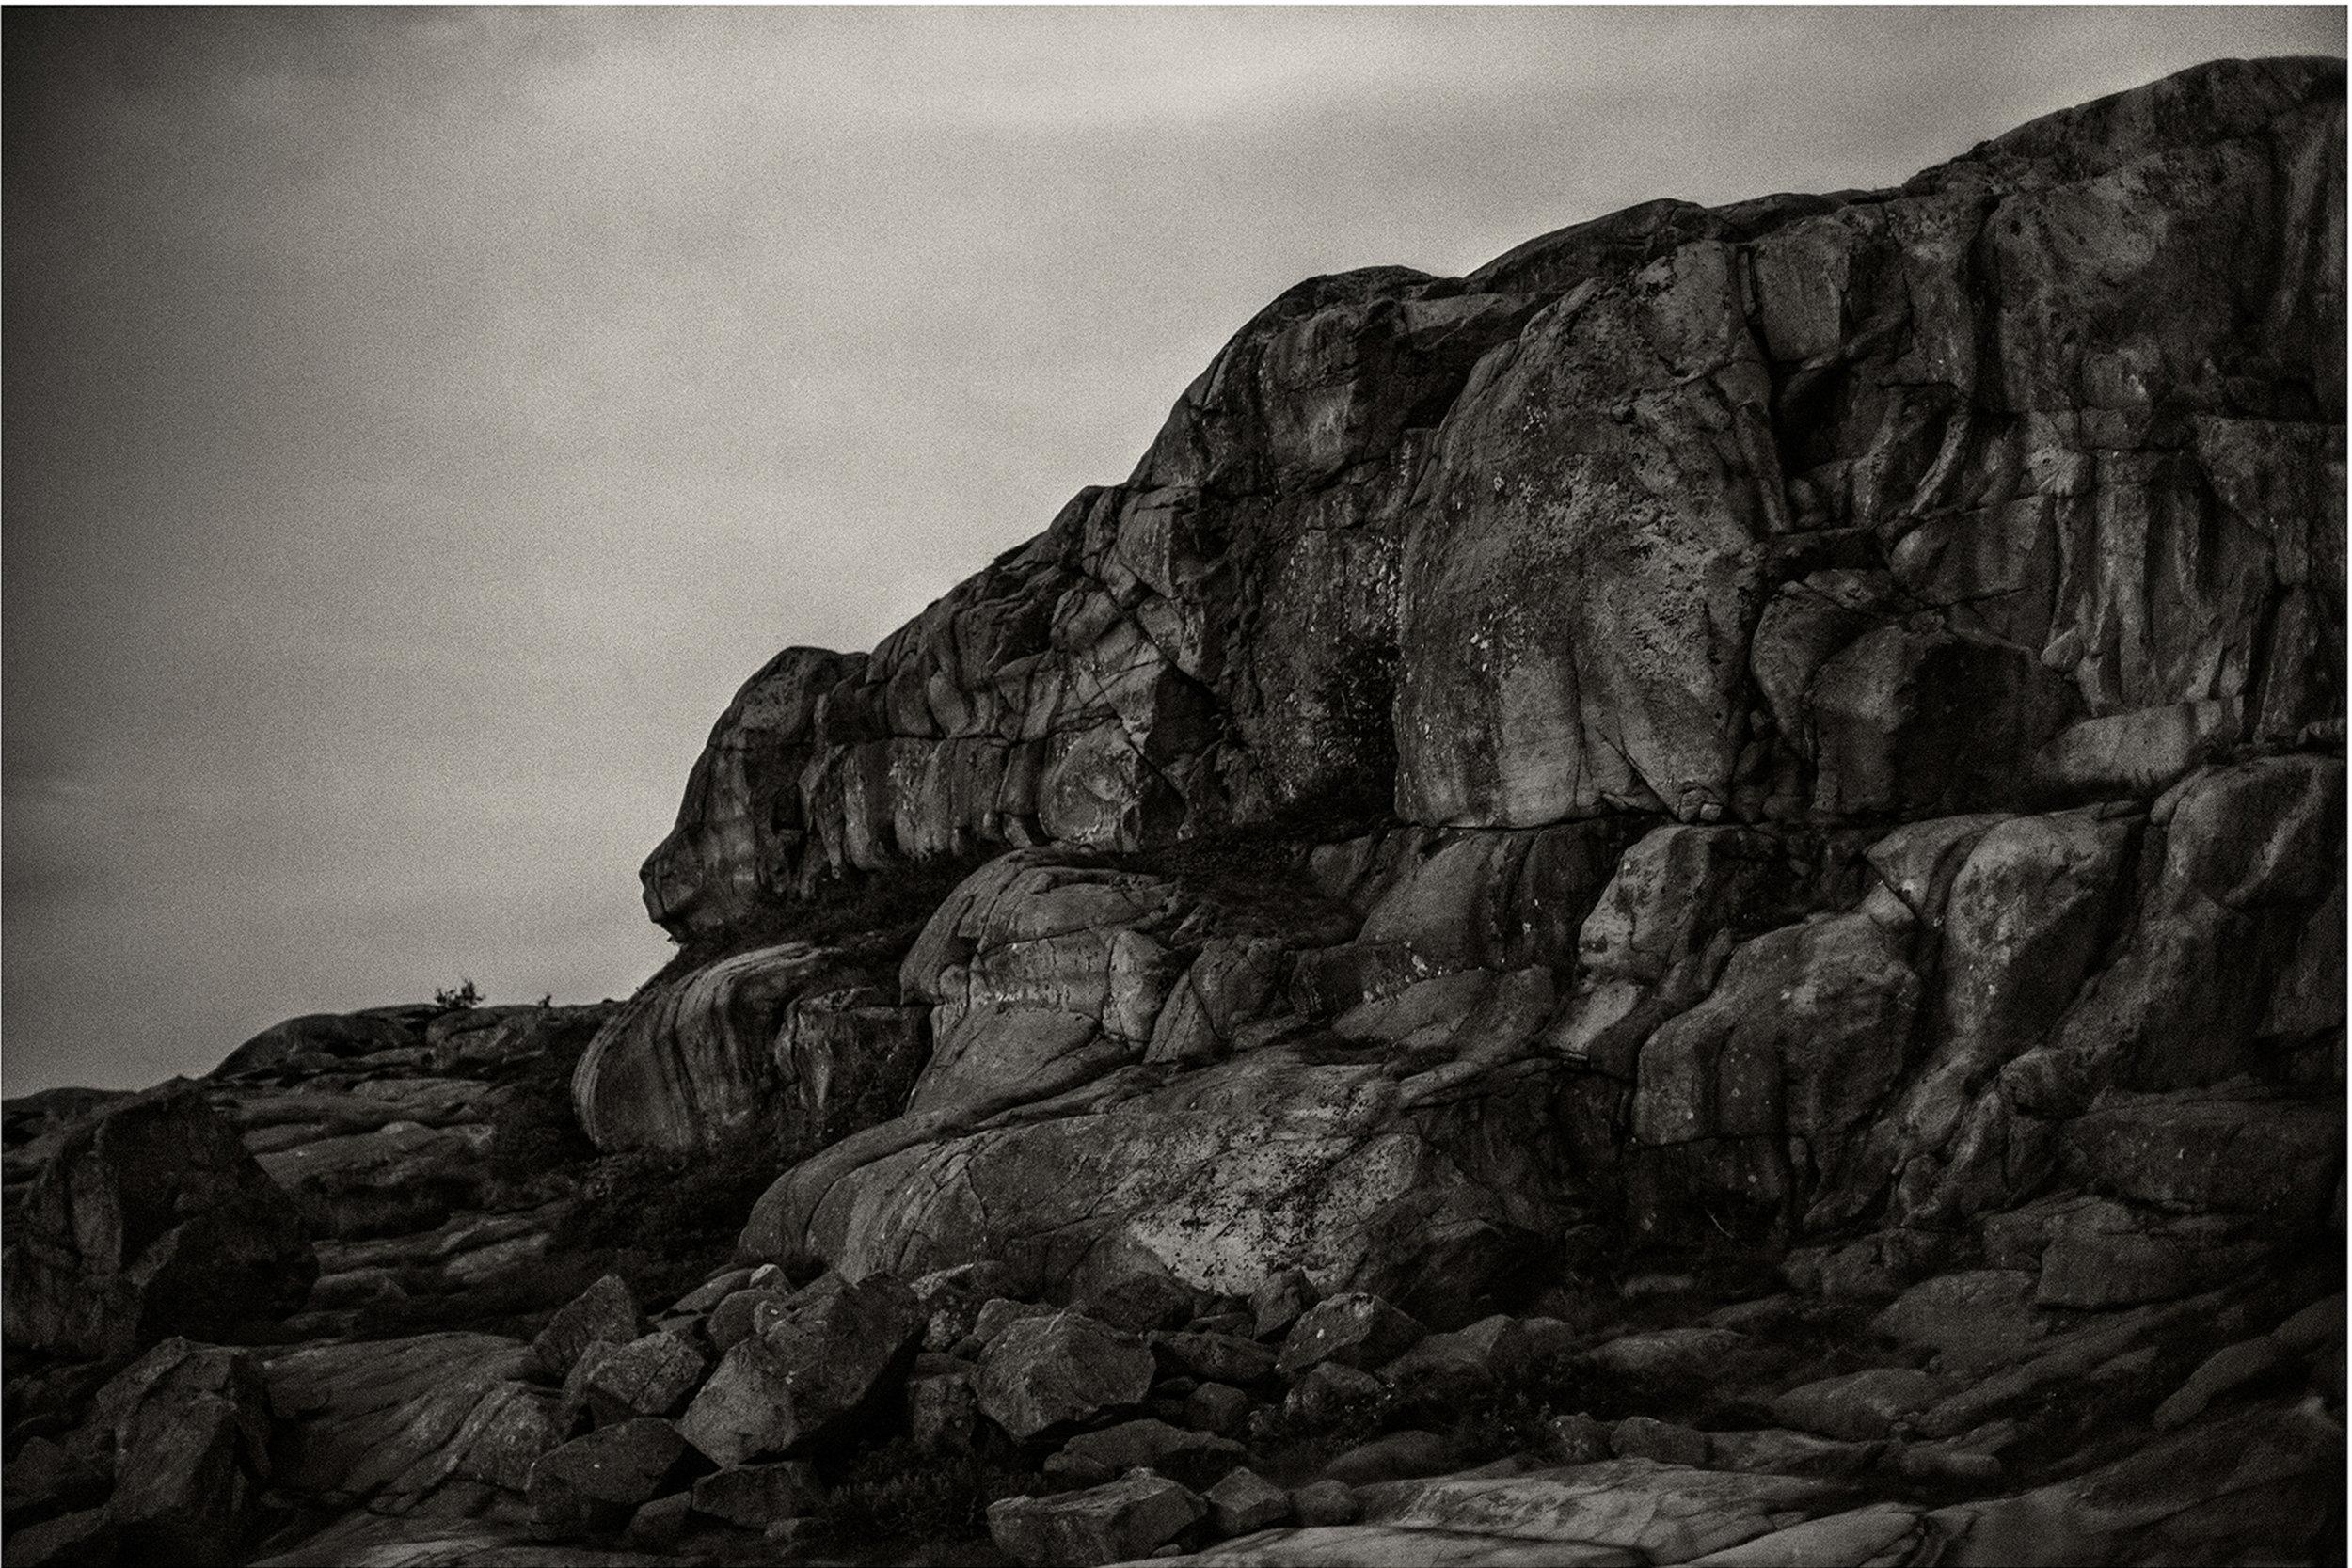 Fotografi, _Utan titel_, 2013 Fine Art Print, 68,5x104 cm, edition 6.JPG